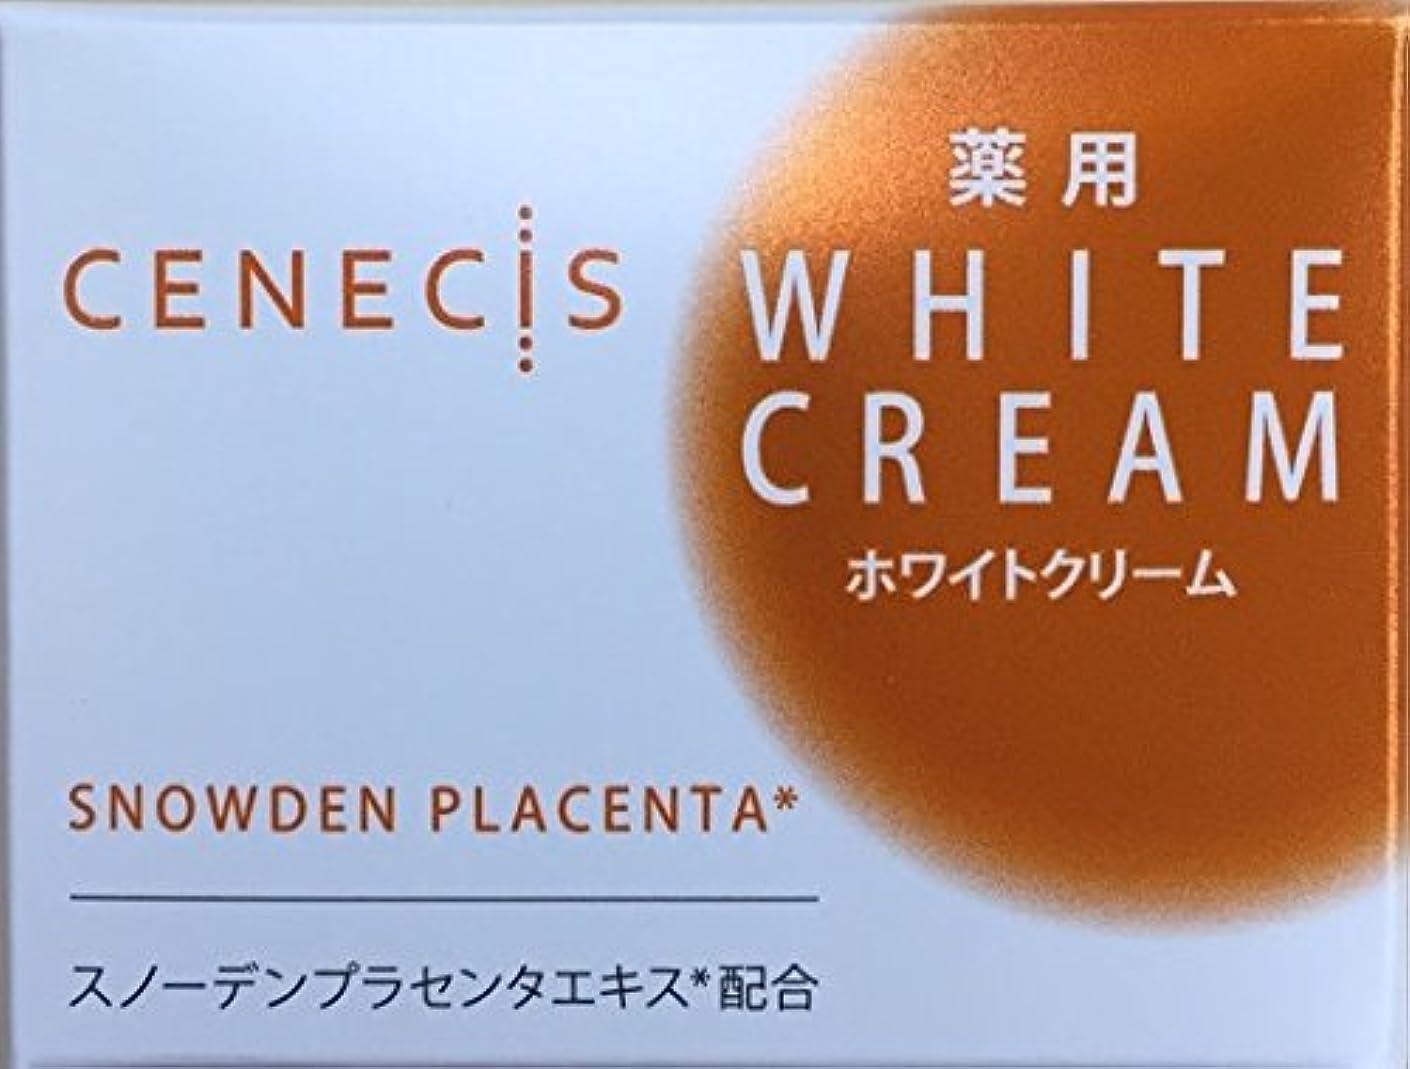 漁師フォアタイプレモンスノーデン セネシス 薬用ホワイトクリーム 40g